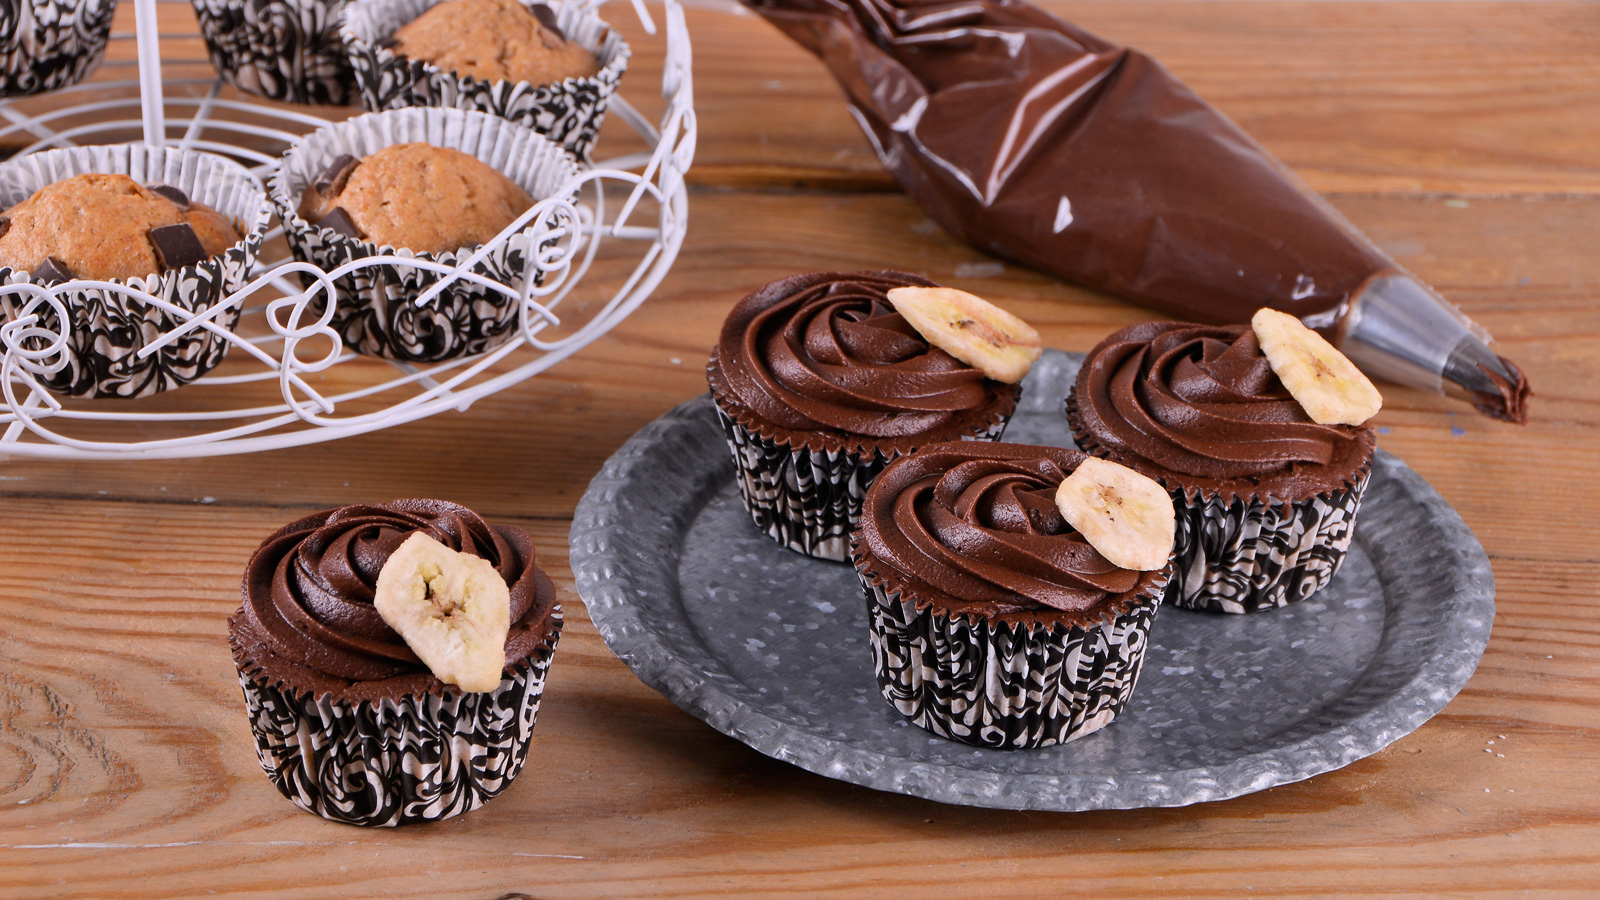 Cupcakes de pl tano y chocolate negro alma obreg n for Canal cocina alma obregon